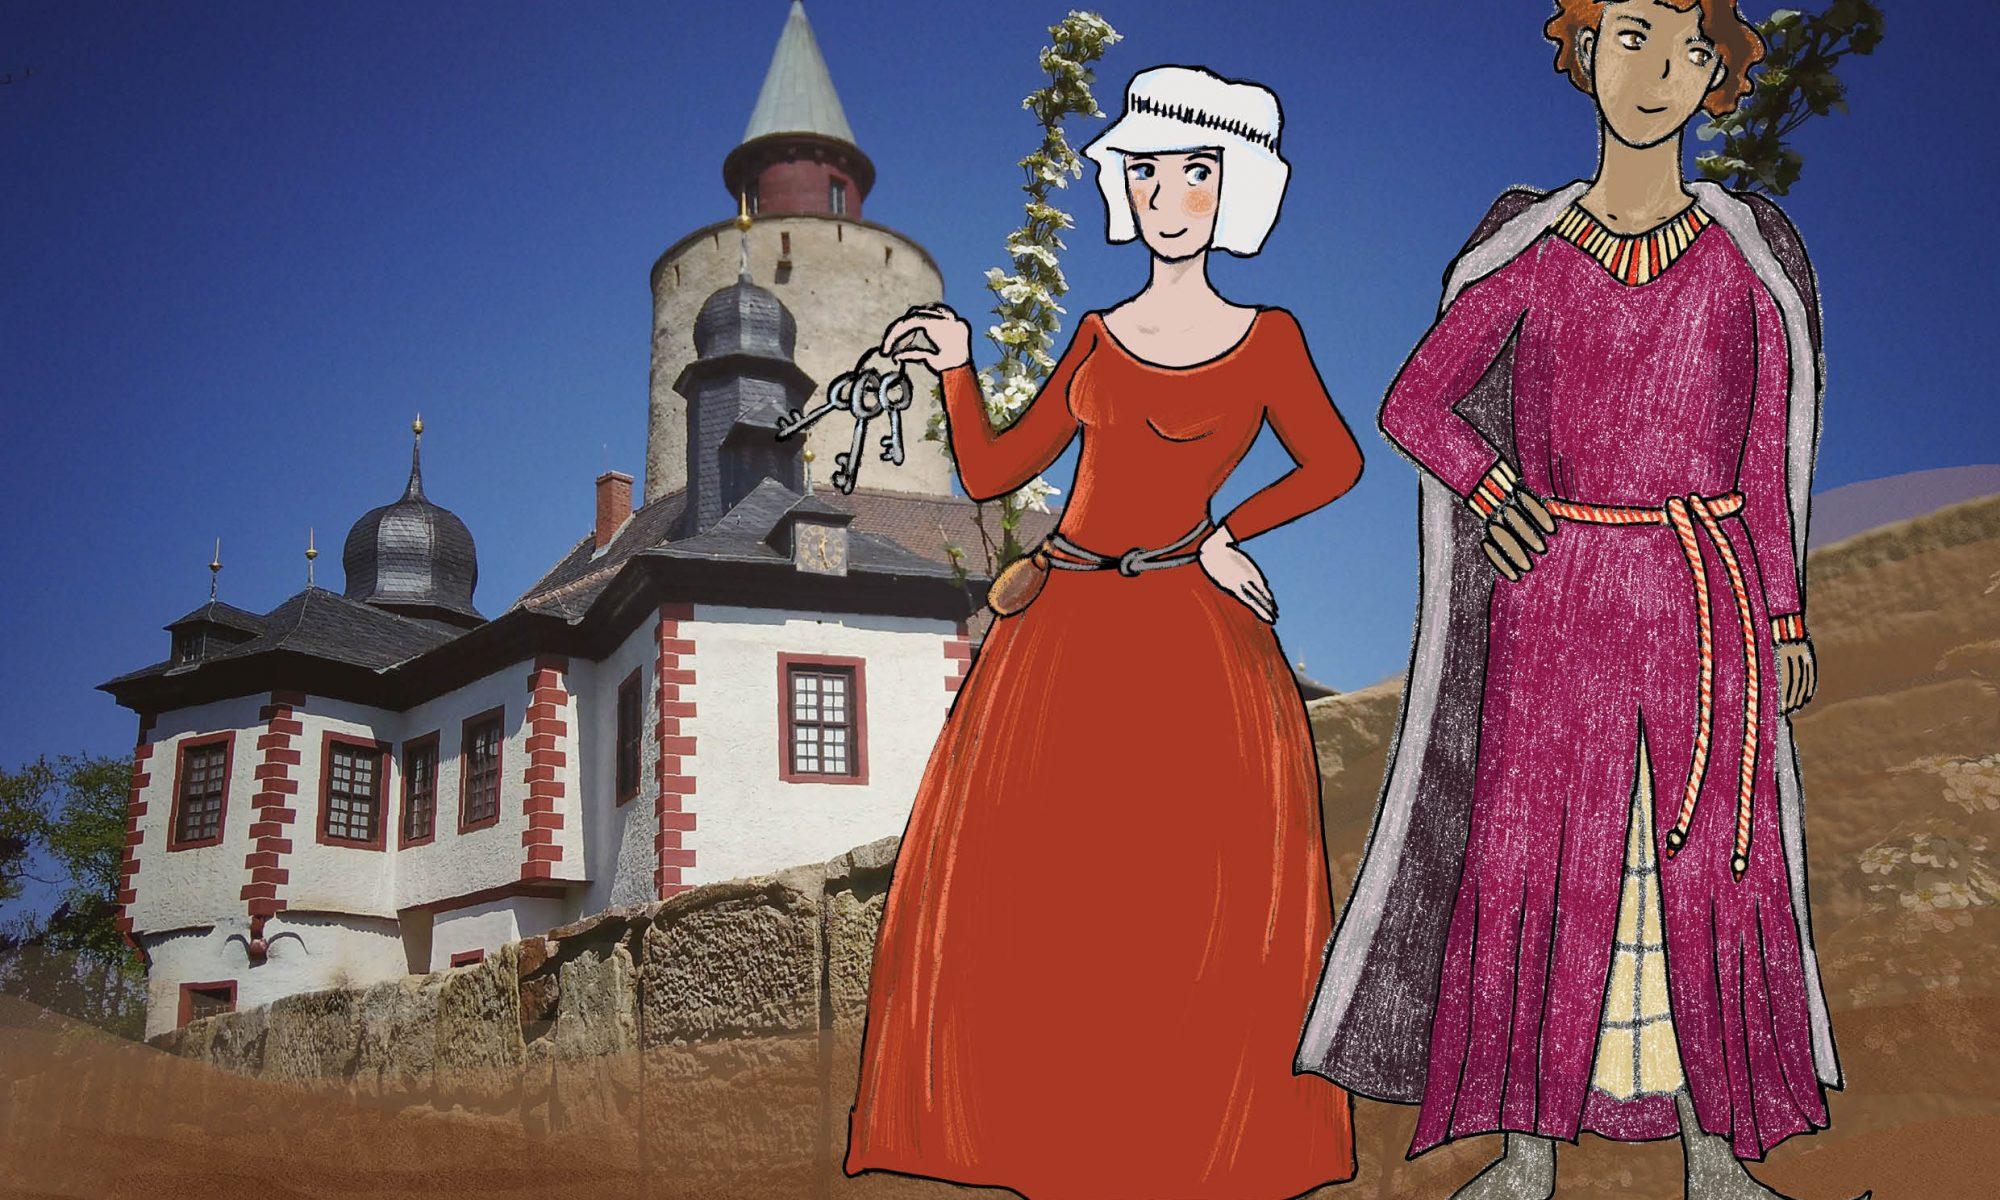 Kinderburg - Kleidung im Mittelalter - Burg Posterstein mit Burgherrin und Bergherr